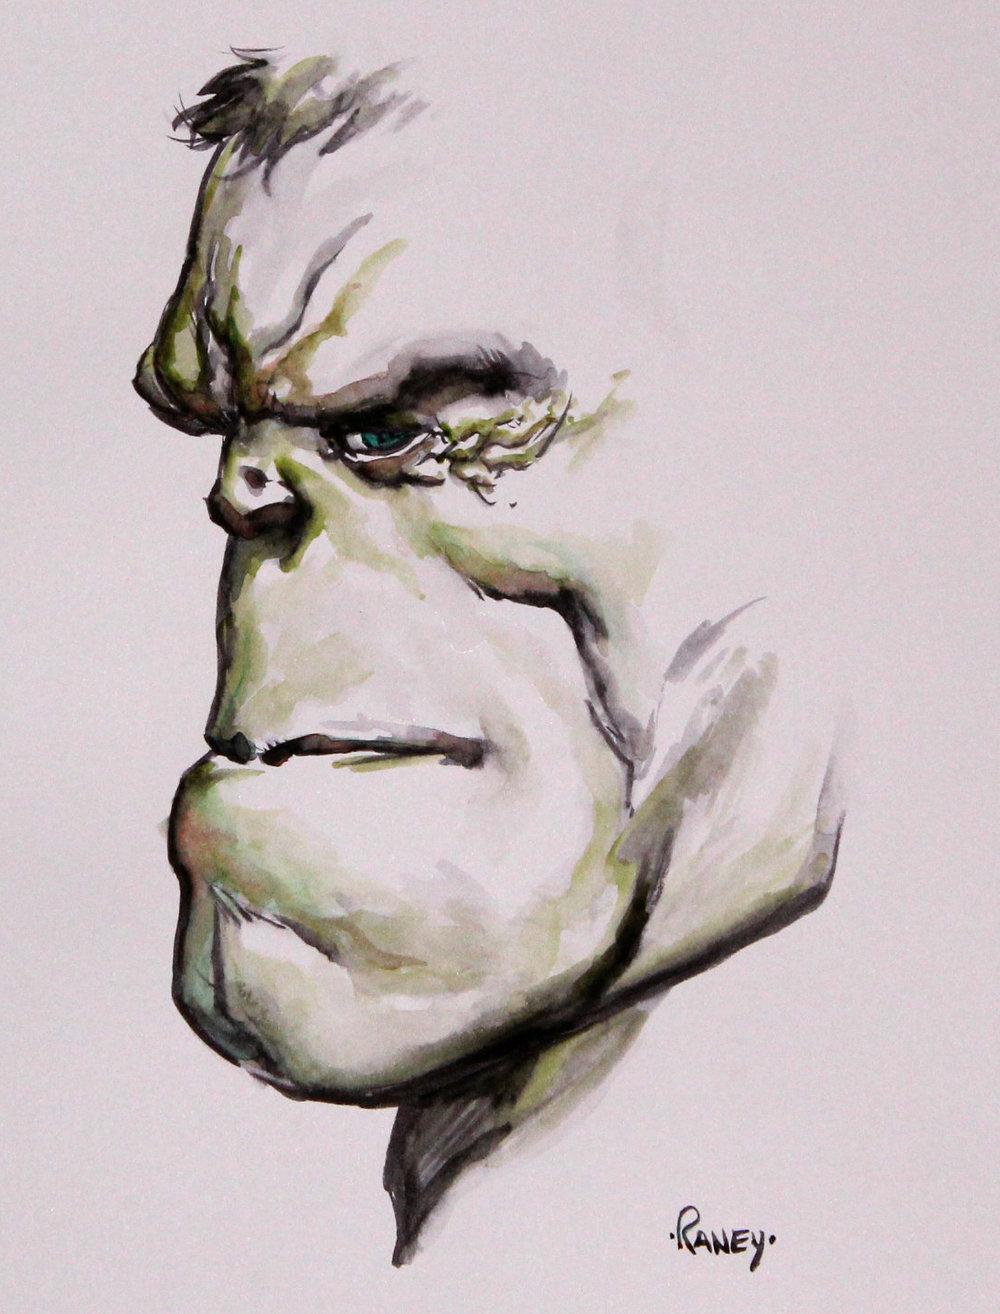 Hulk by Tom Rainey